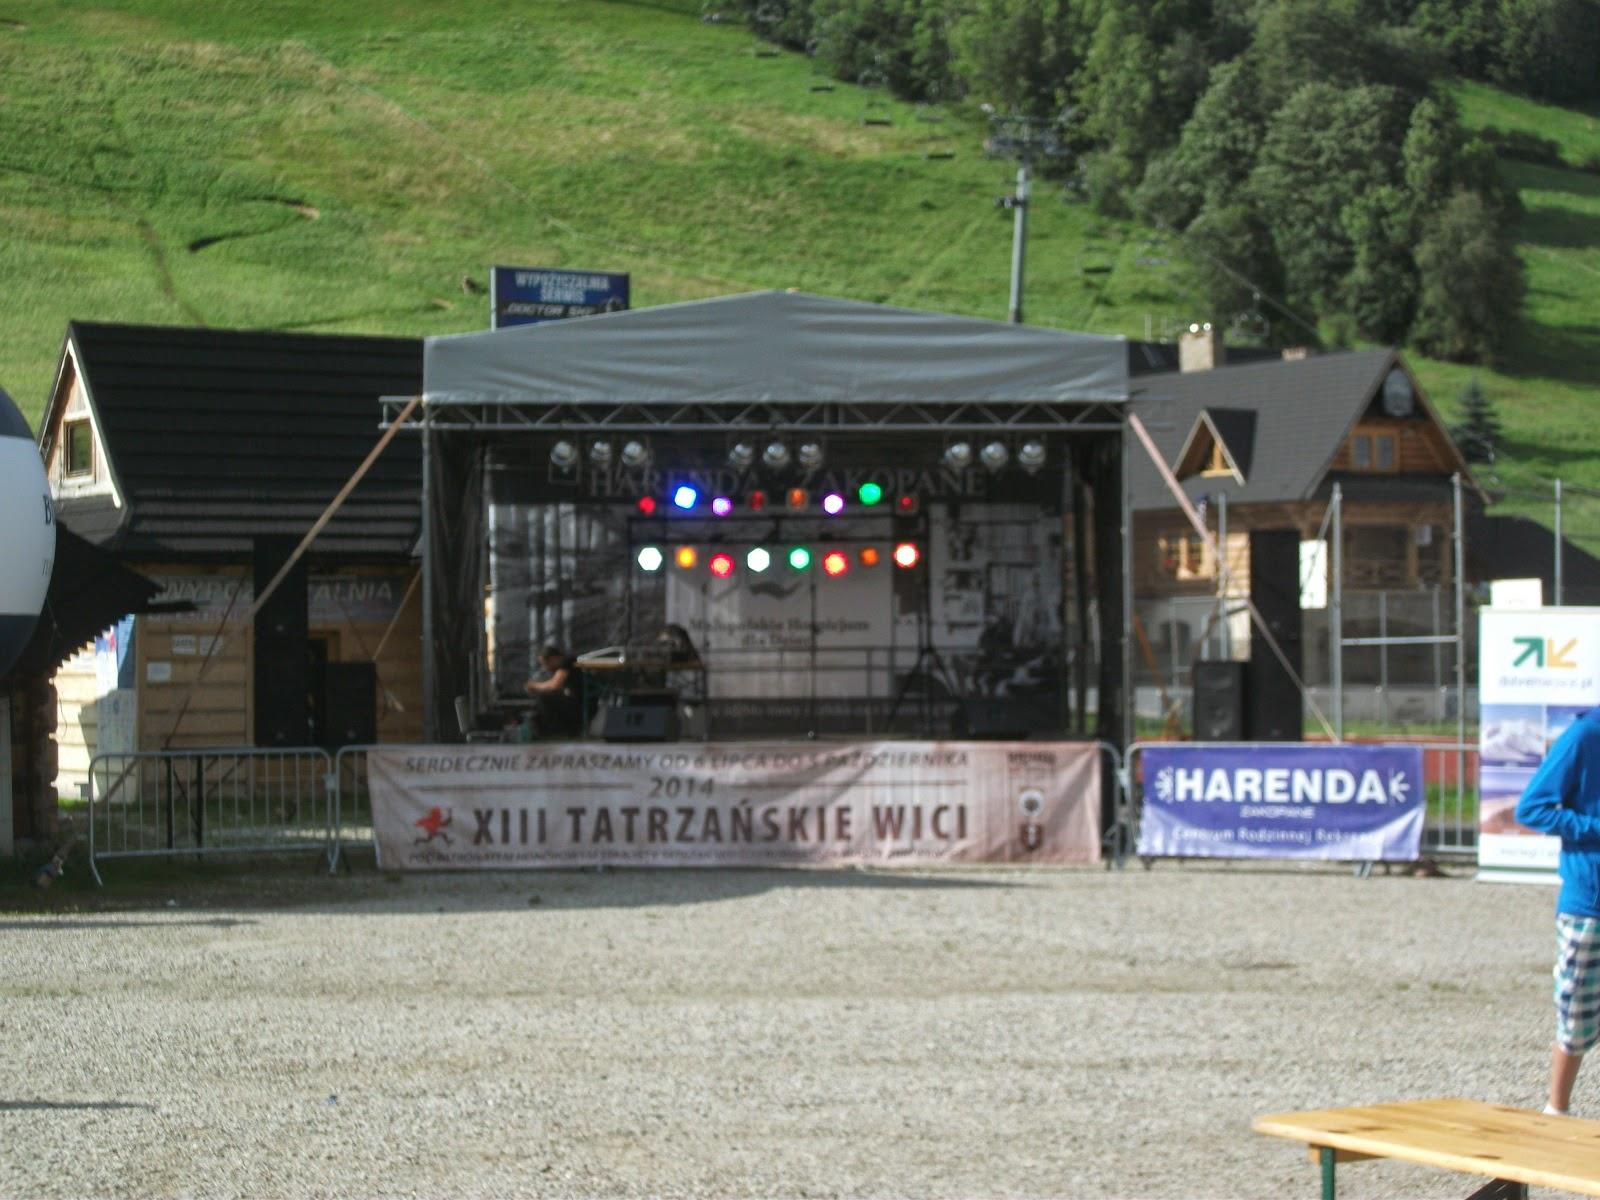 Foto-relacja z charytatywnej imprezy Harendziańskie Zwyki, która odbyła się w Zakopanem, 16.08.2014 roku na rzecz MHD